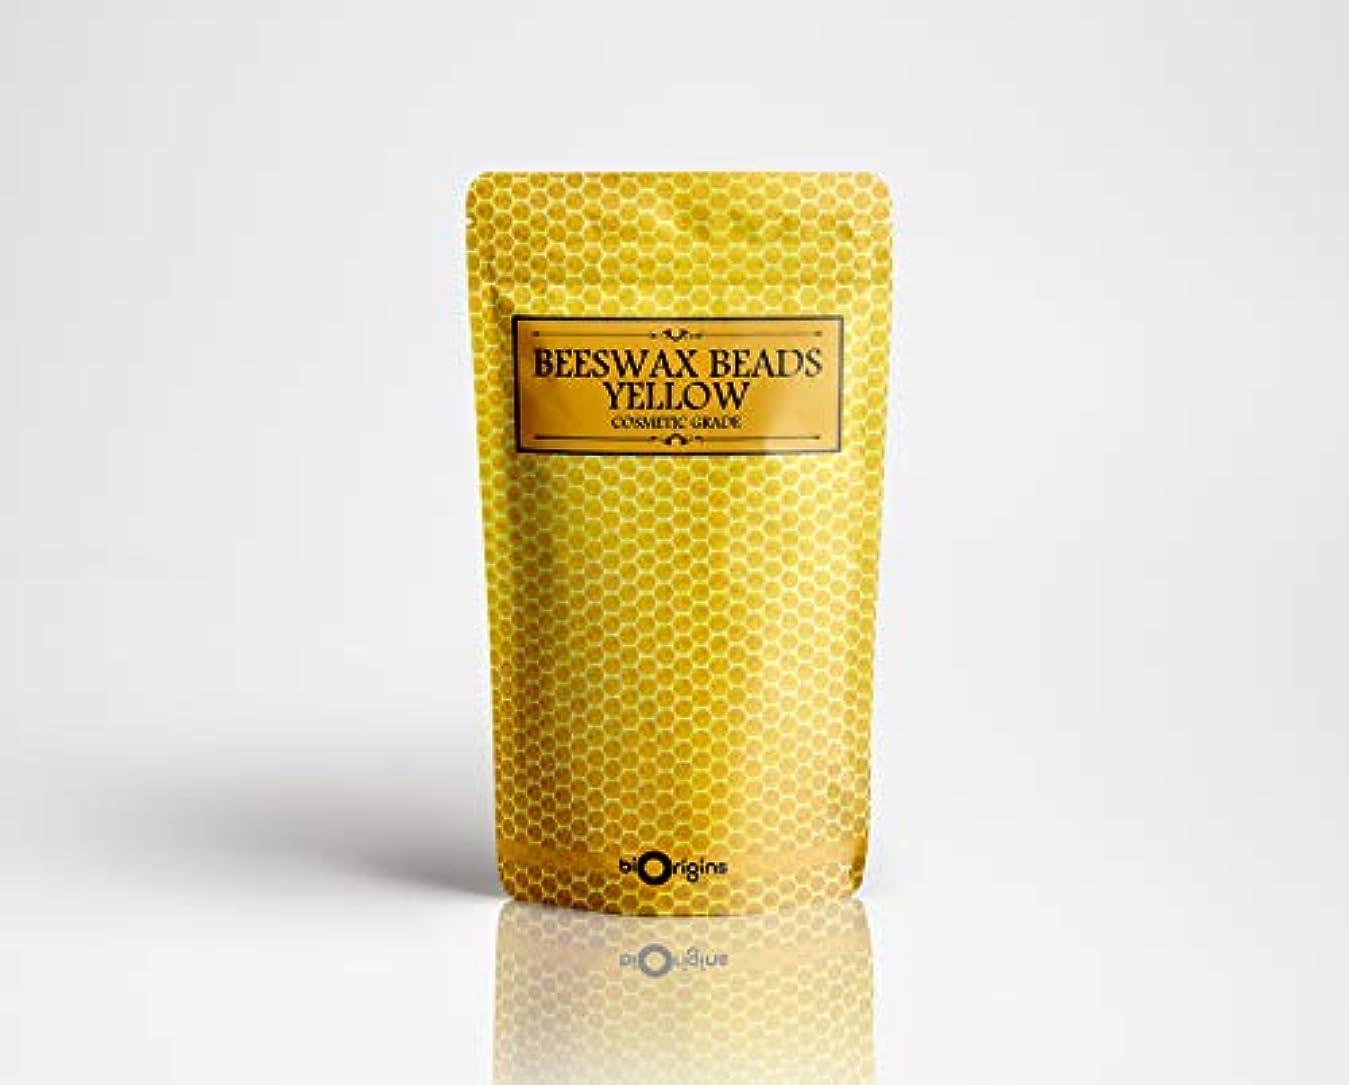 部分ウェブ重要な役割を果たす、中心的な手段となるBeeswax Beads Yellow - Cosmetic Grade - 100g